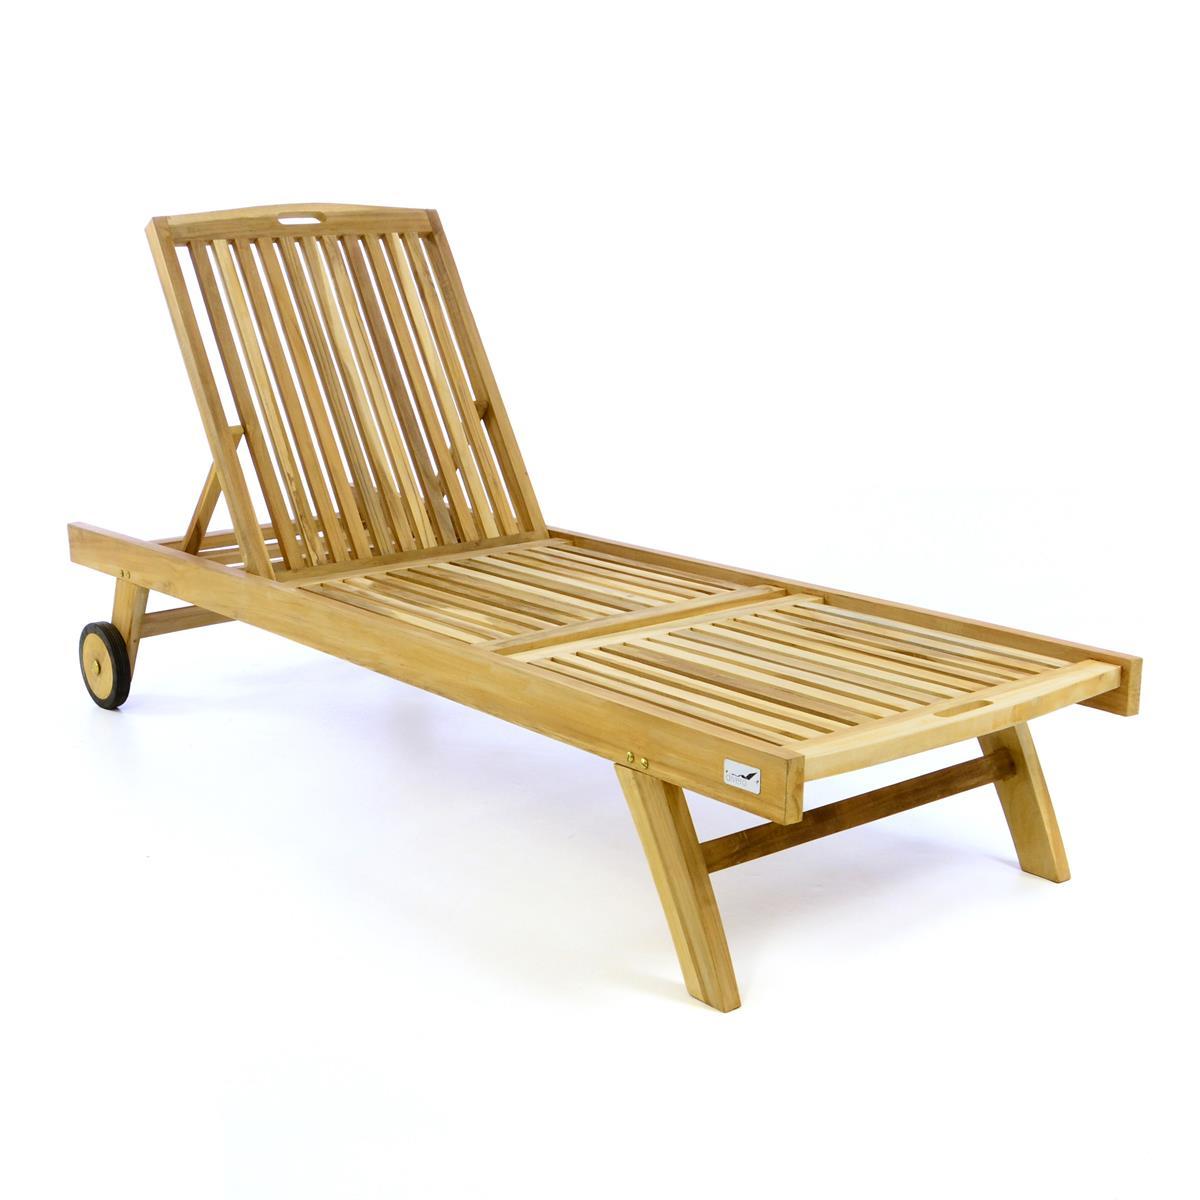 DIVERO Sonnenliege Holzliege Gartenliege Liegestuhl mit Rollen Teakholz natur